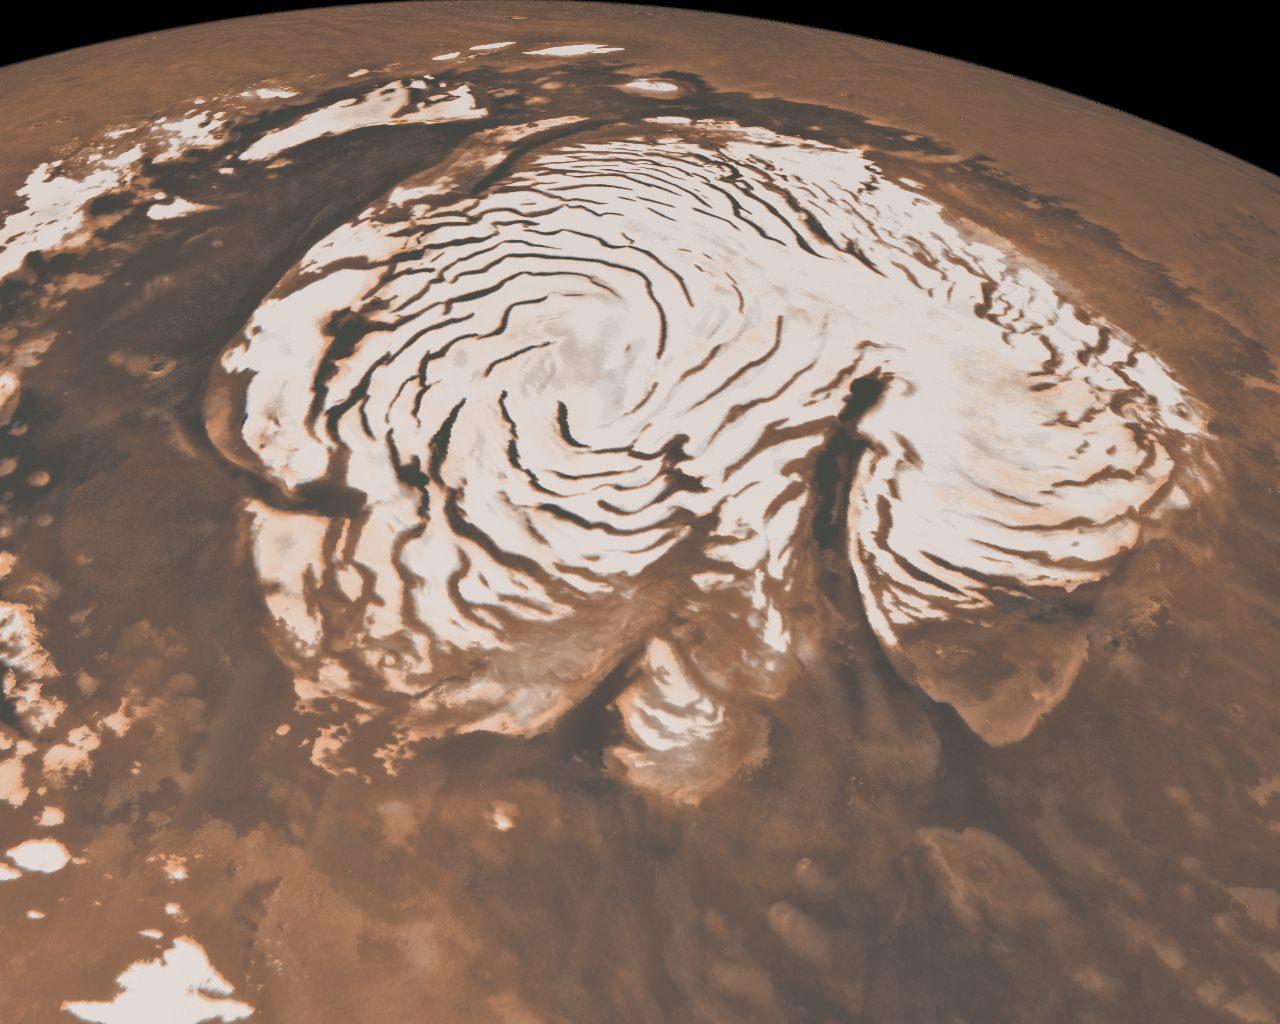 Podría caer nieve en Marte durante las noches